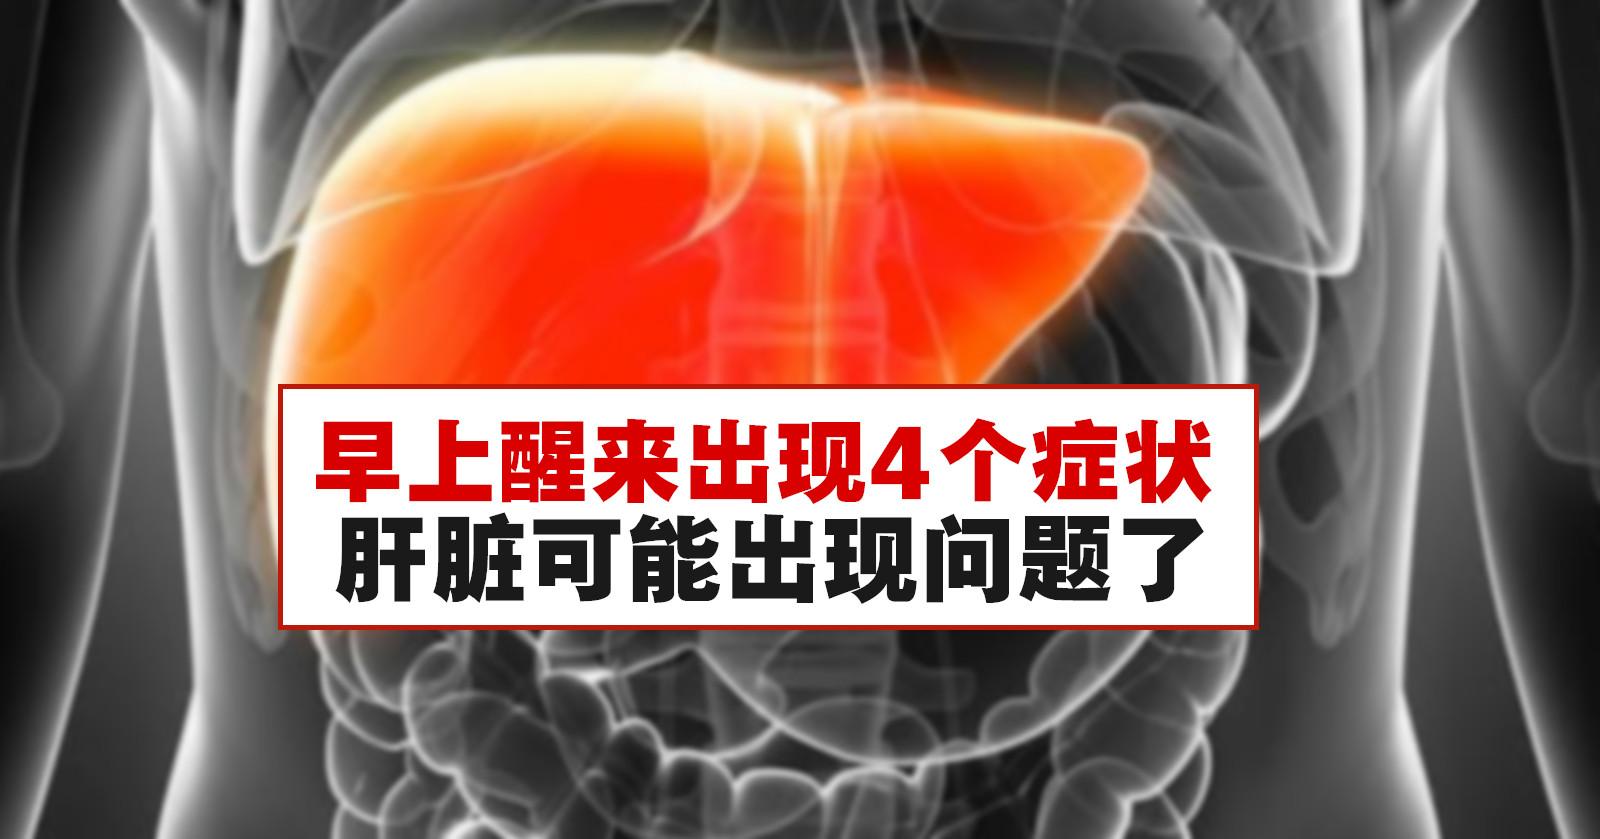 早上醒来出现4个症状,肝脏可能出现问题了